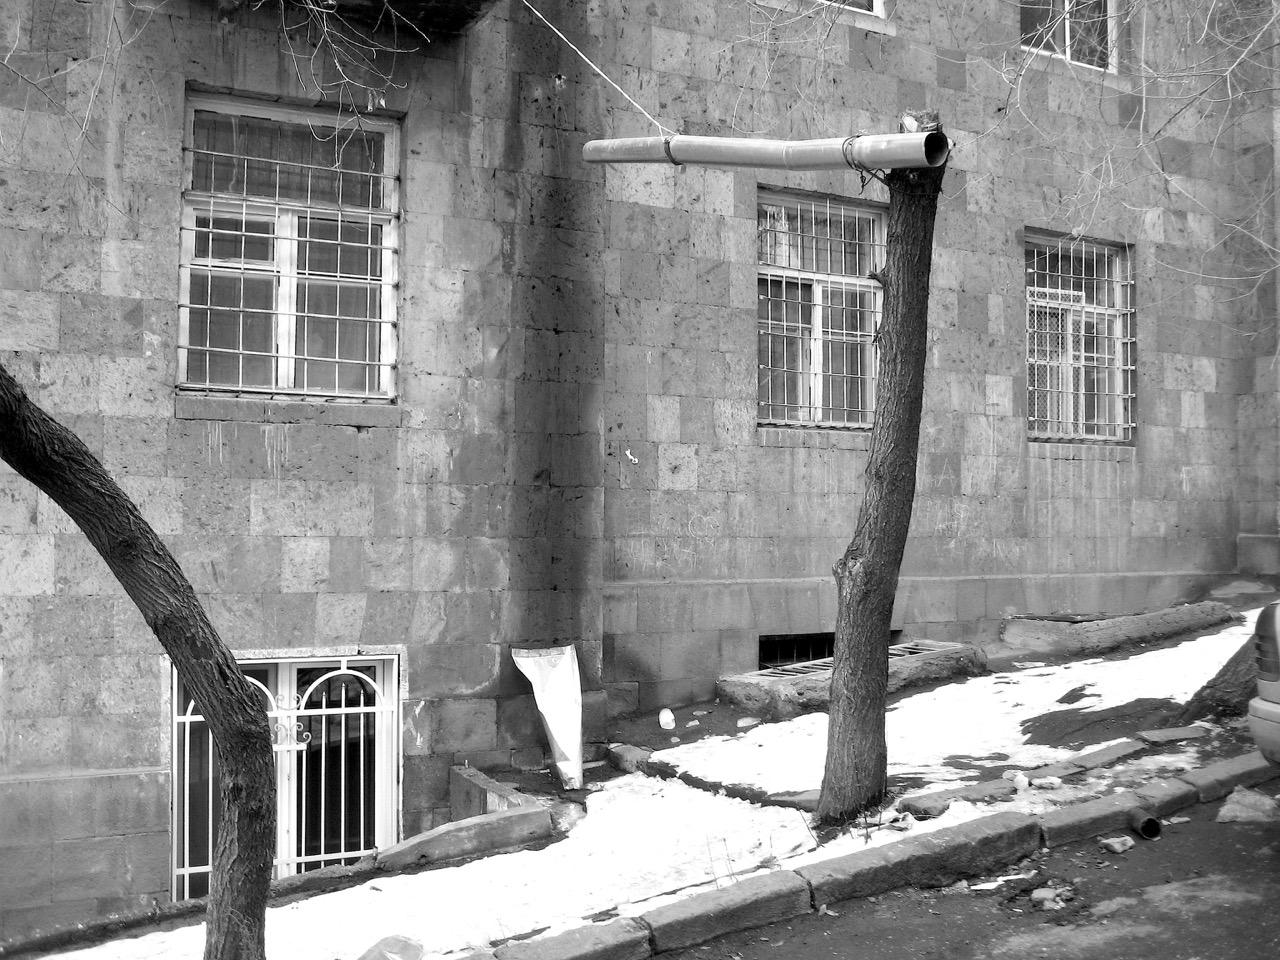 Foto: Armenische Röhre. Aus: Eriwan. Kapitel 6. Aufzeichnungen aus Armenien von Marc Degens.